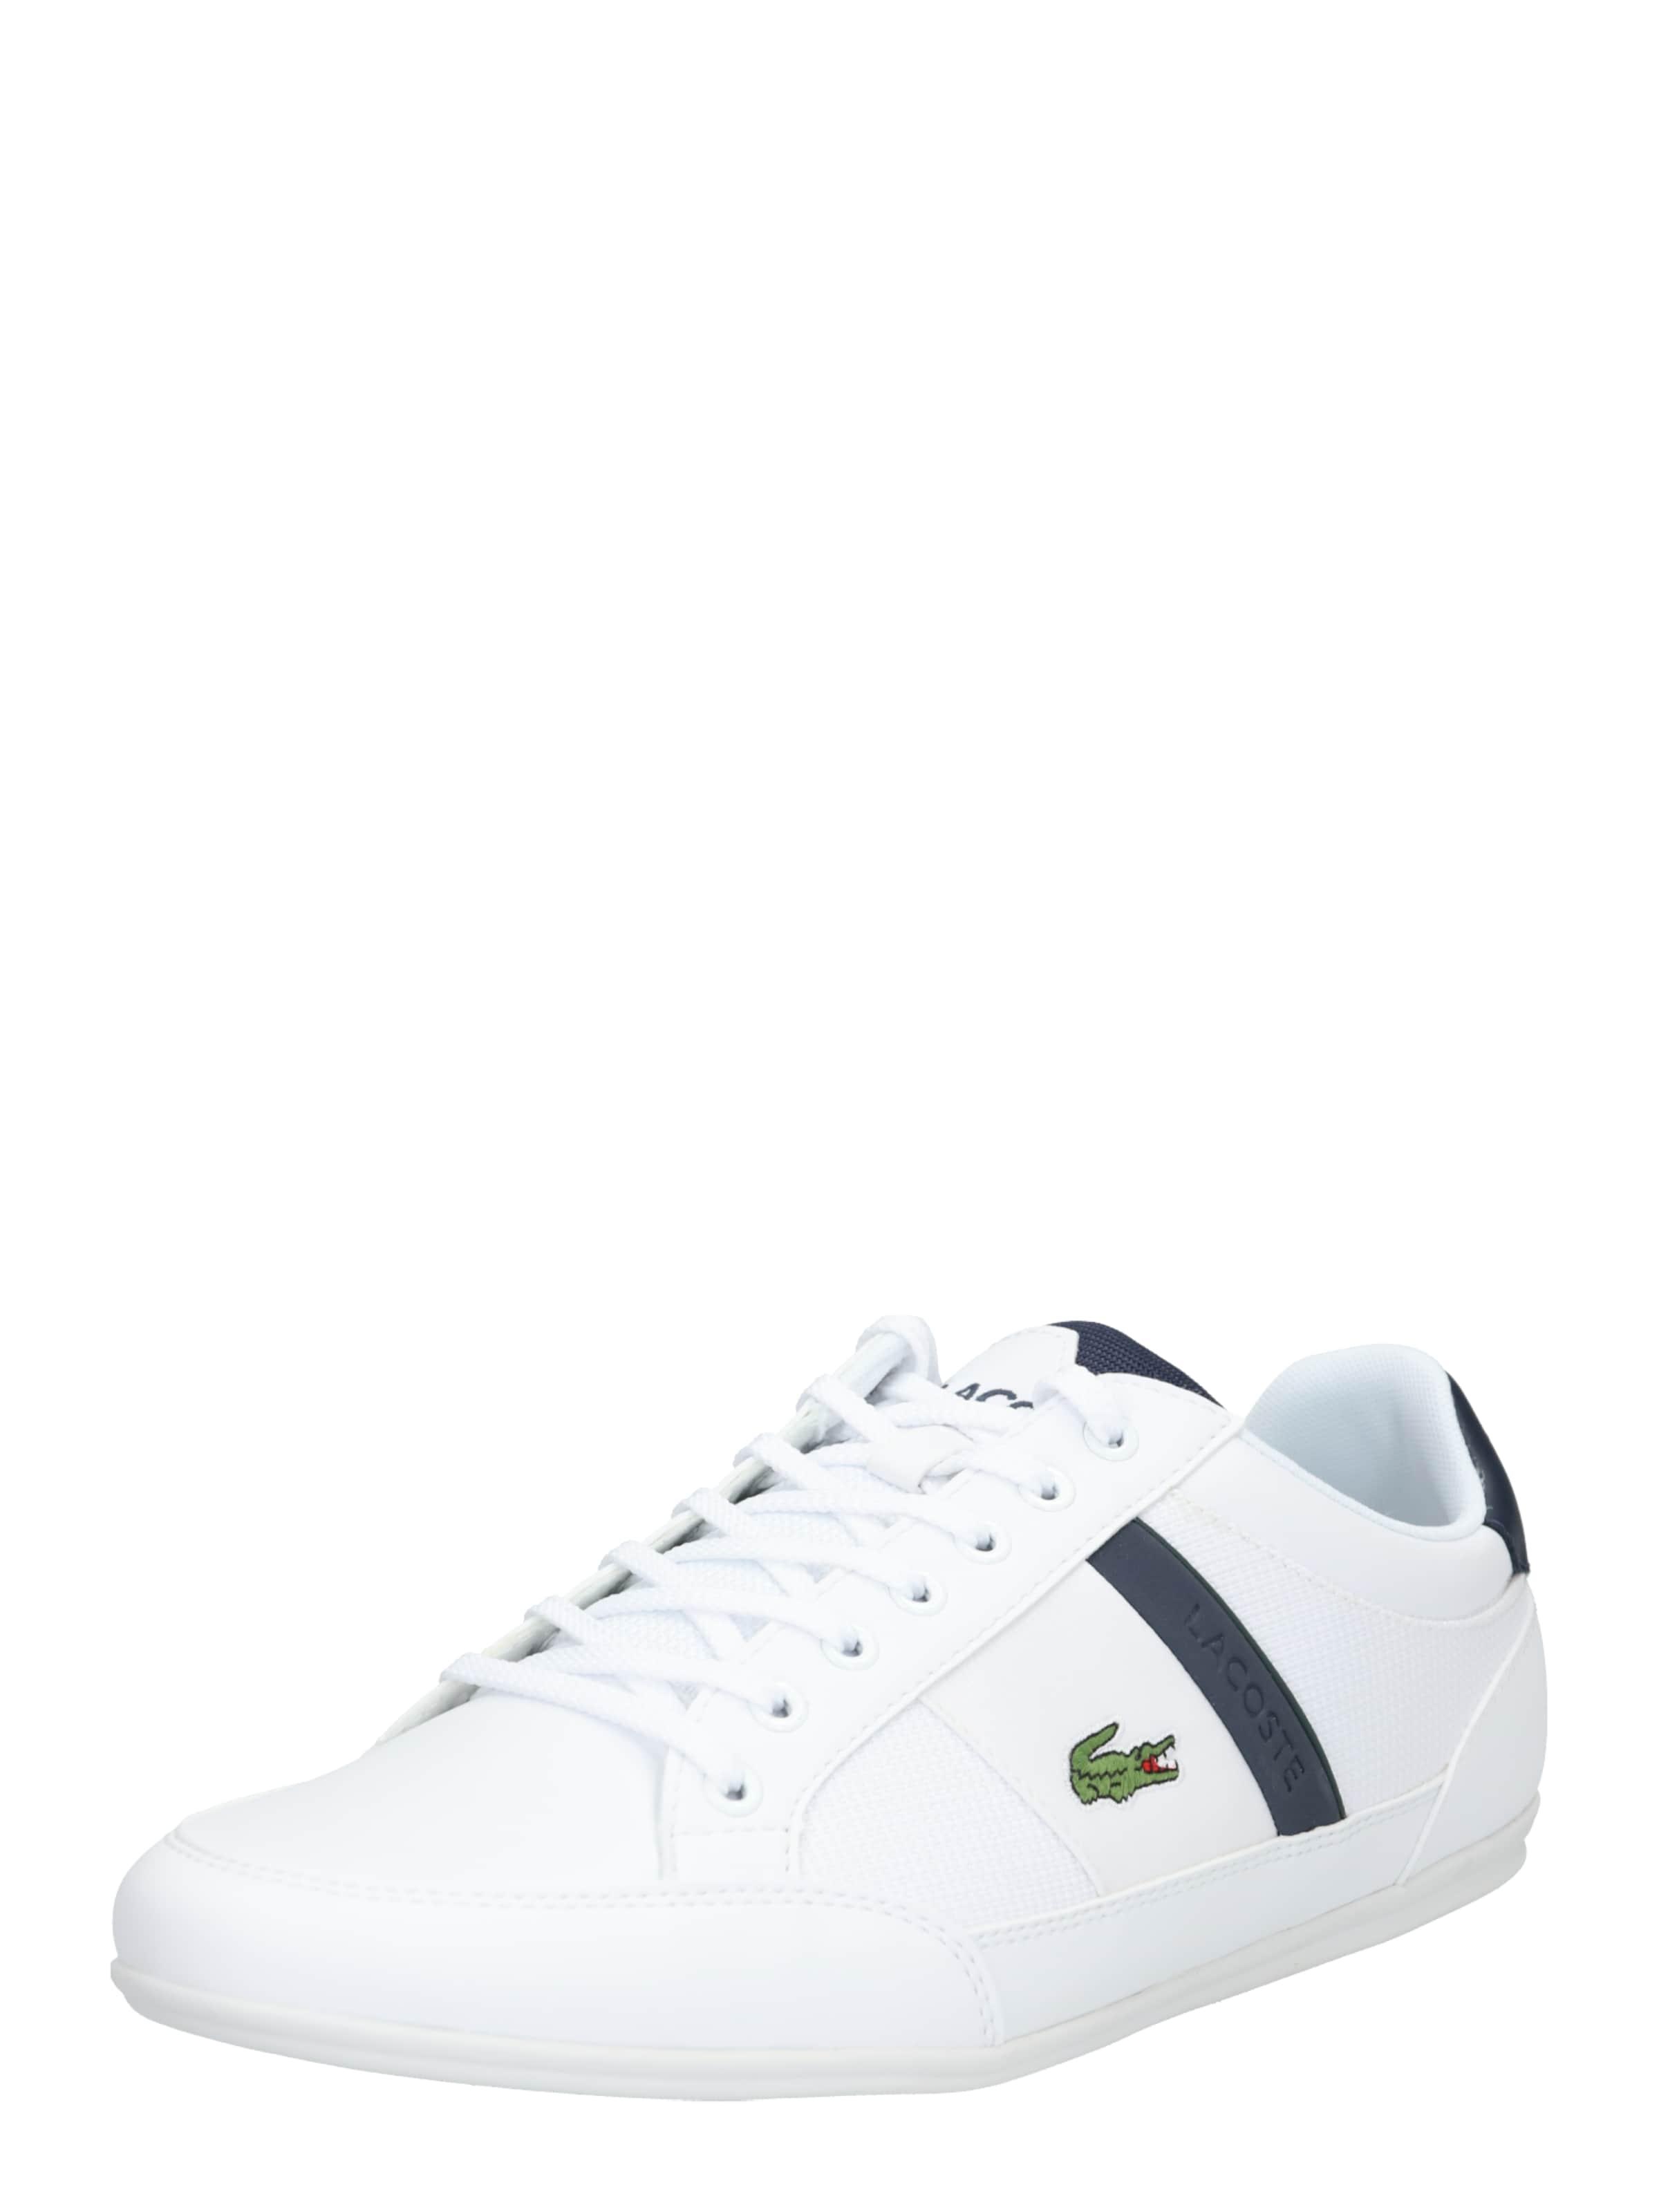 Lacoste In 'chaymon Sneaker Cma' 319 NavyRot 3 oBWrCdex